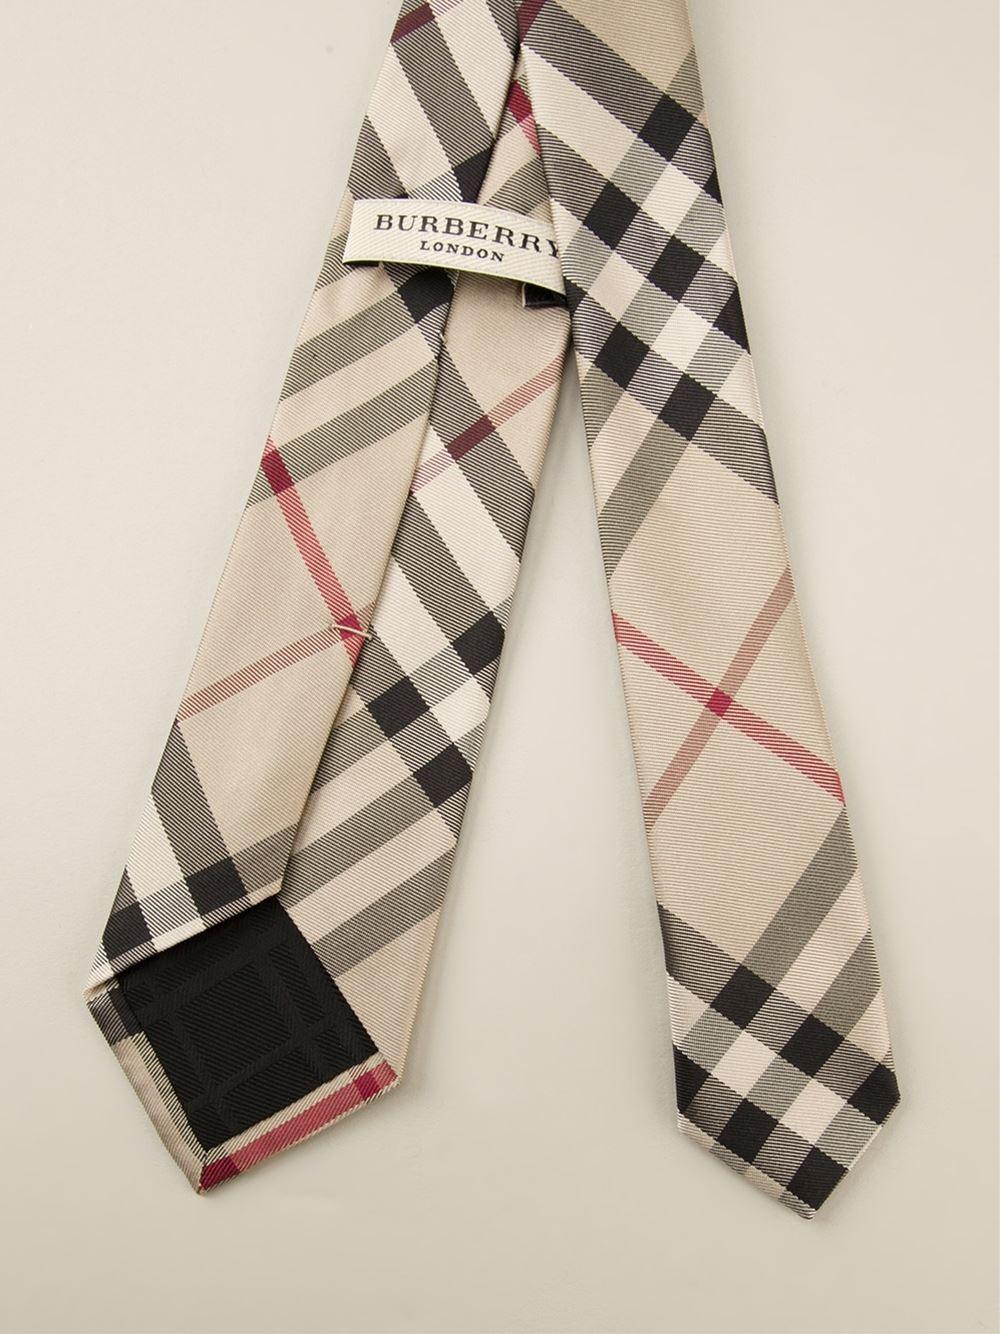 b2c2cffb6821 ... inexpensive lyst burberry nova check tie in brown for men 7679d 2c803